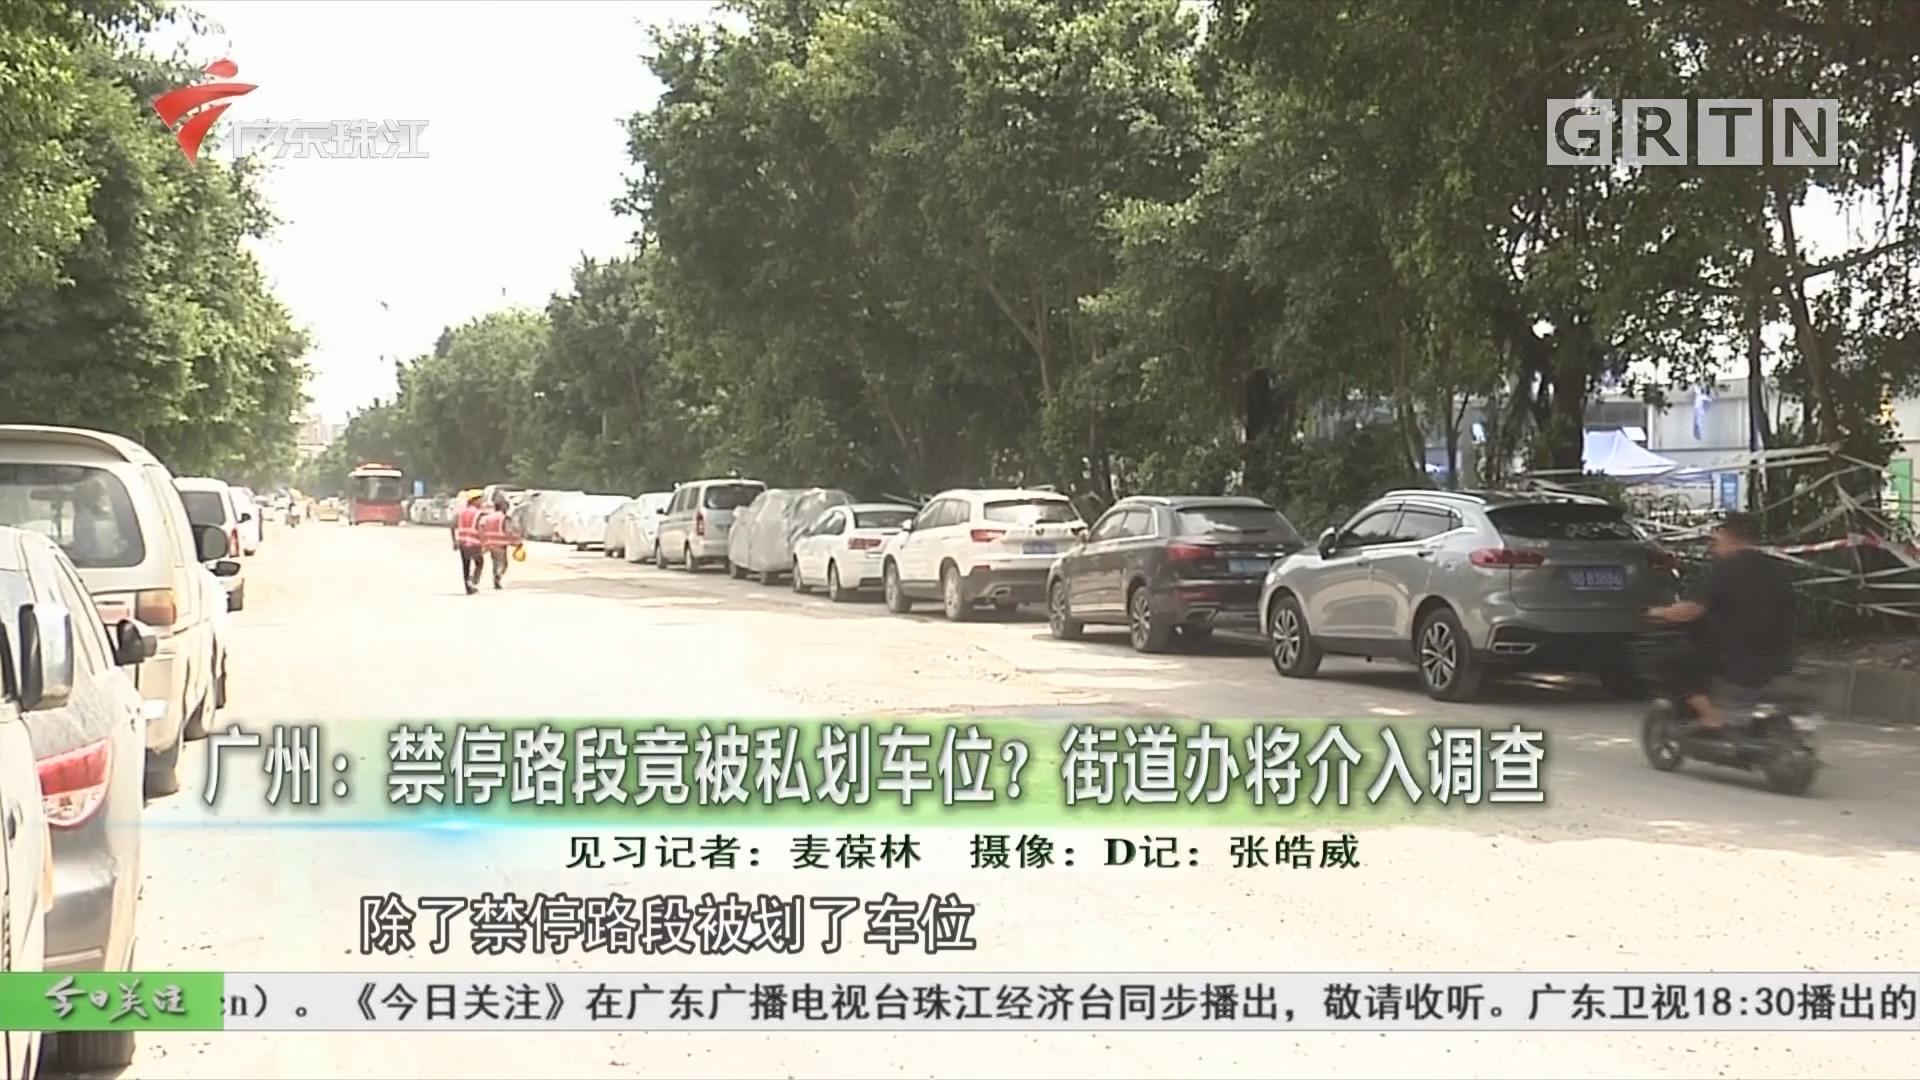 广州:禁停路段竟被私划车位?街道办将介入调查